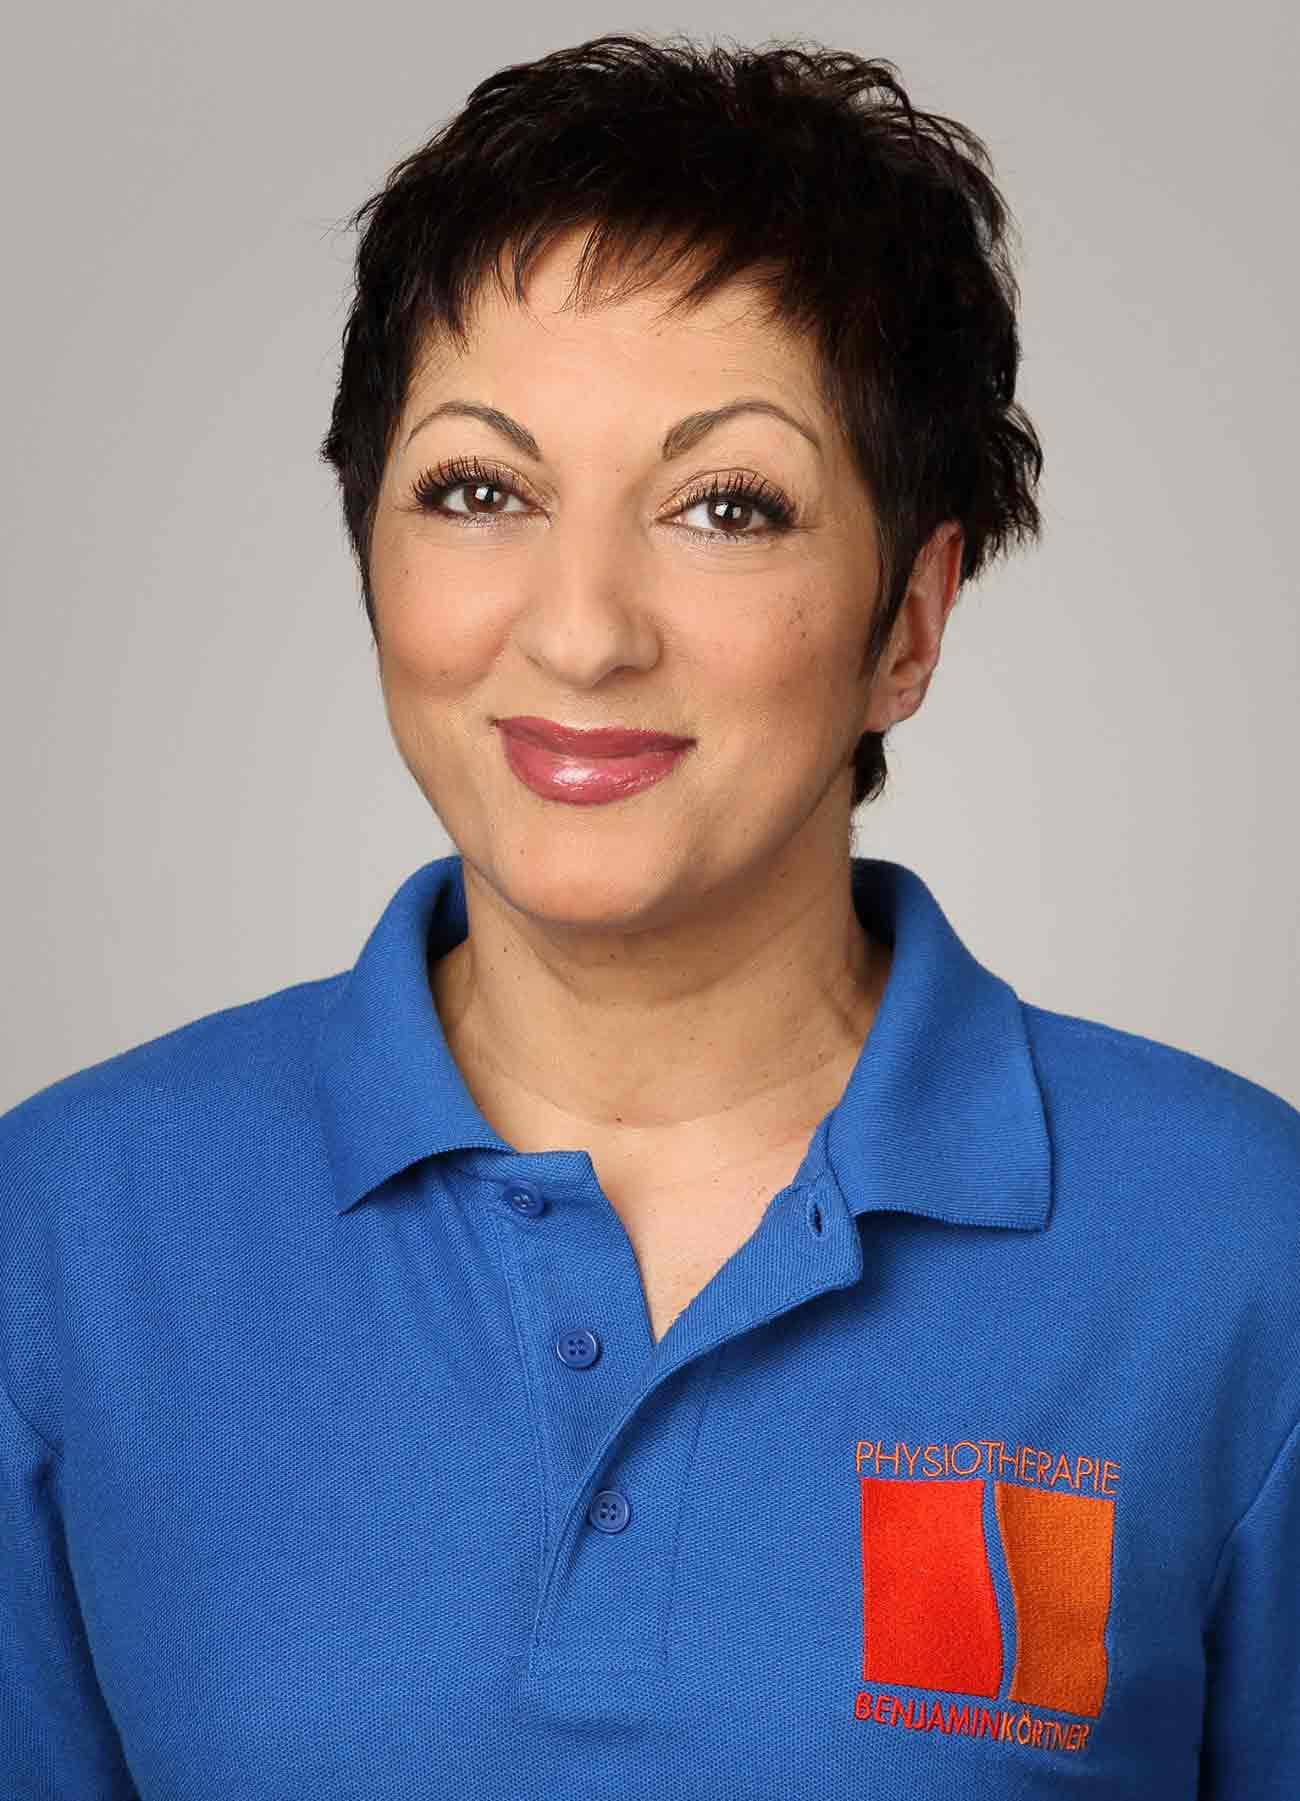 Asita Noachtar - Physiotherapeutin